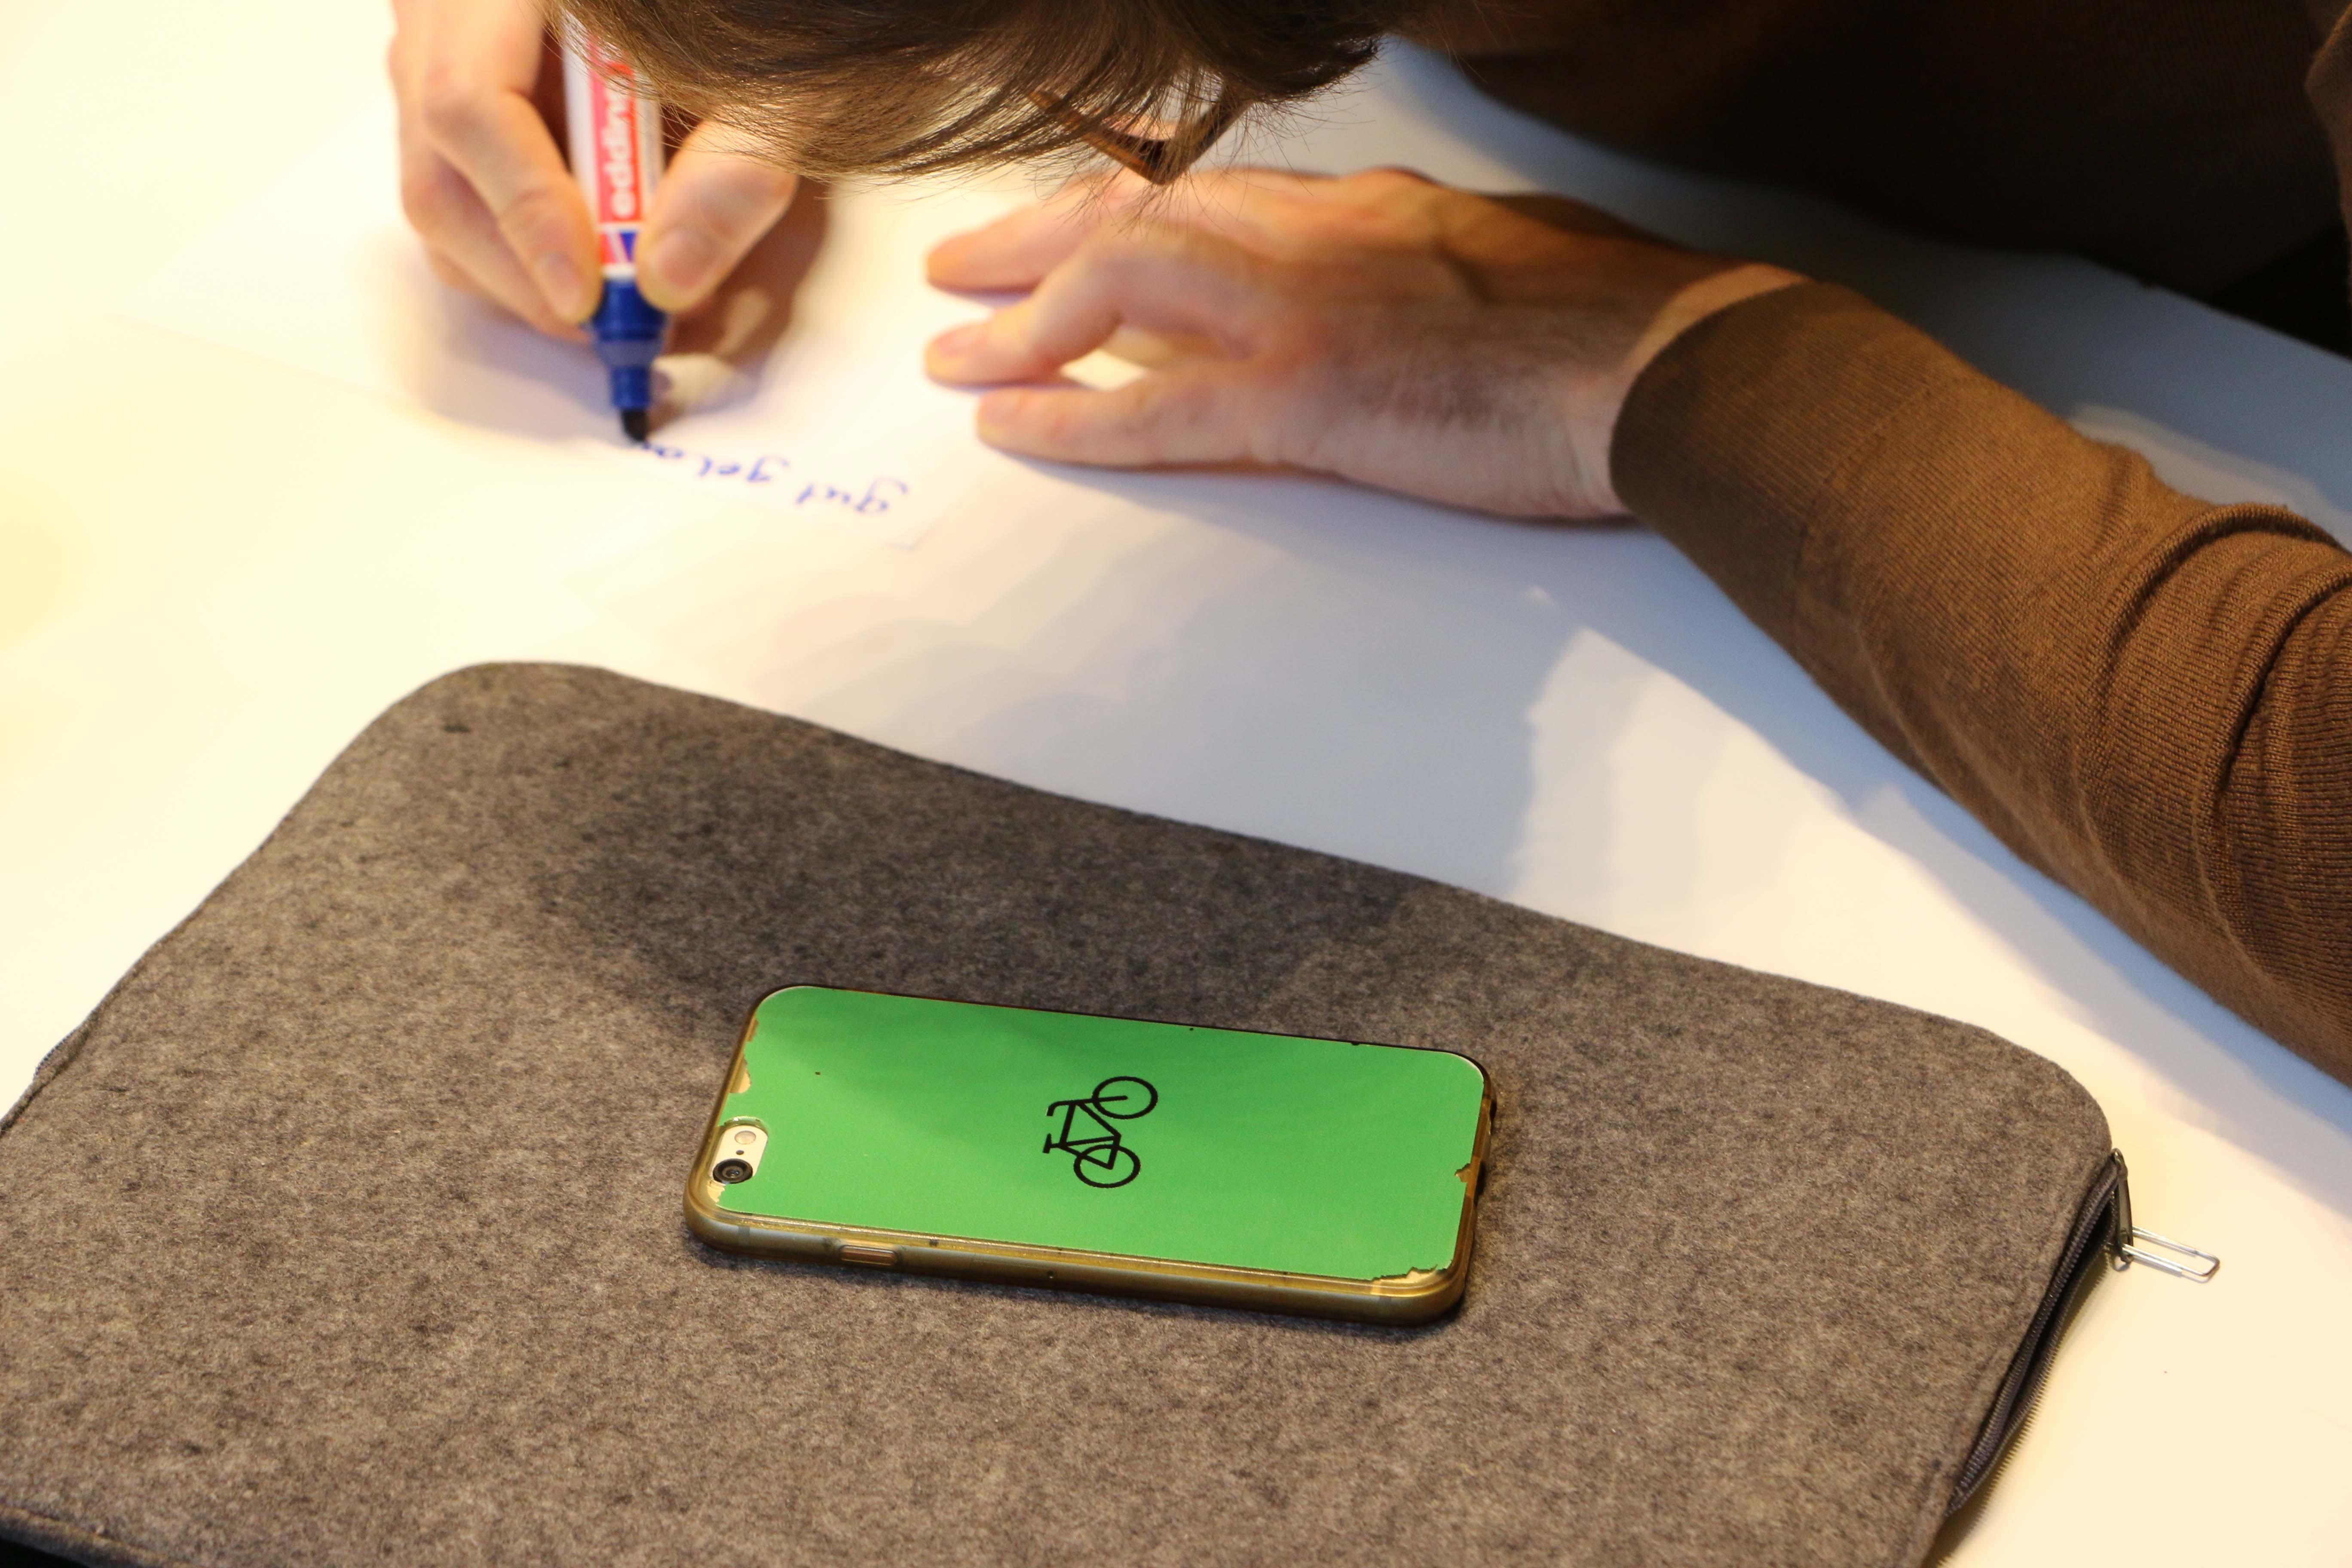 Es ist ein Telefon mit grüner Hülle zu sehen